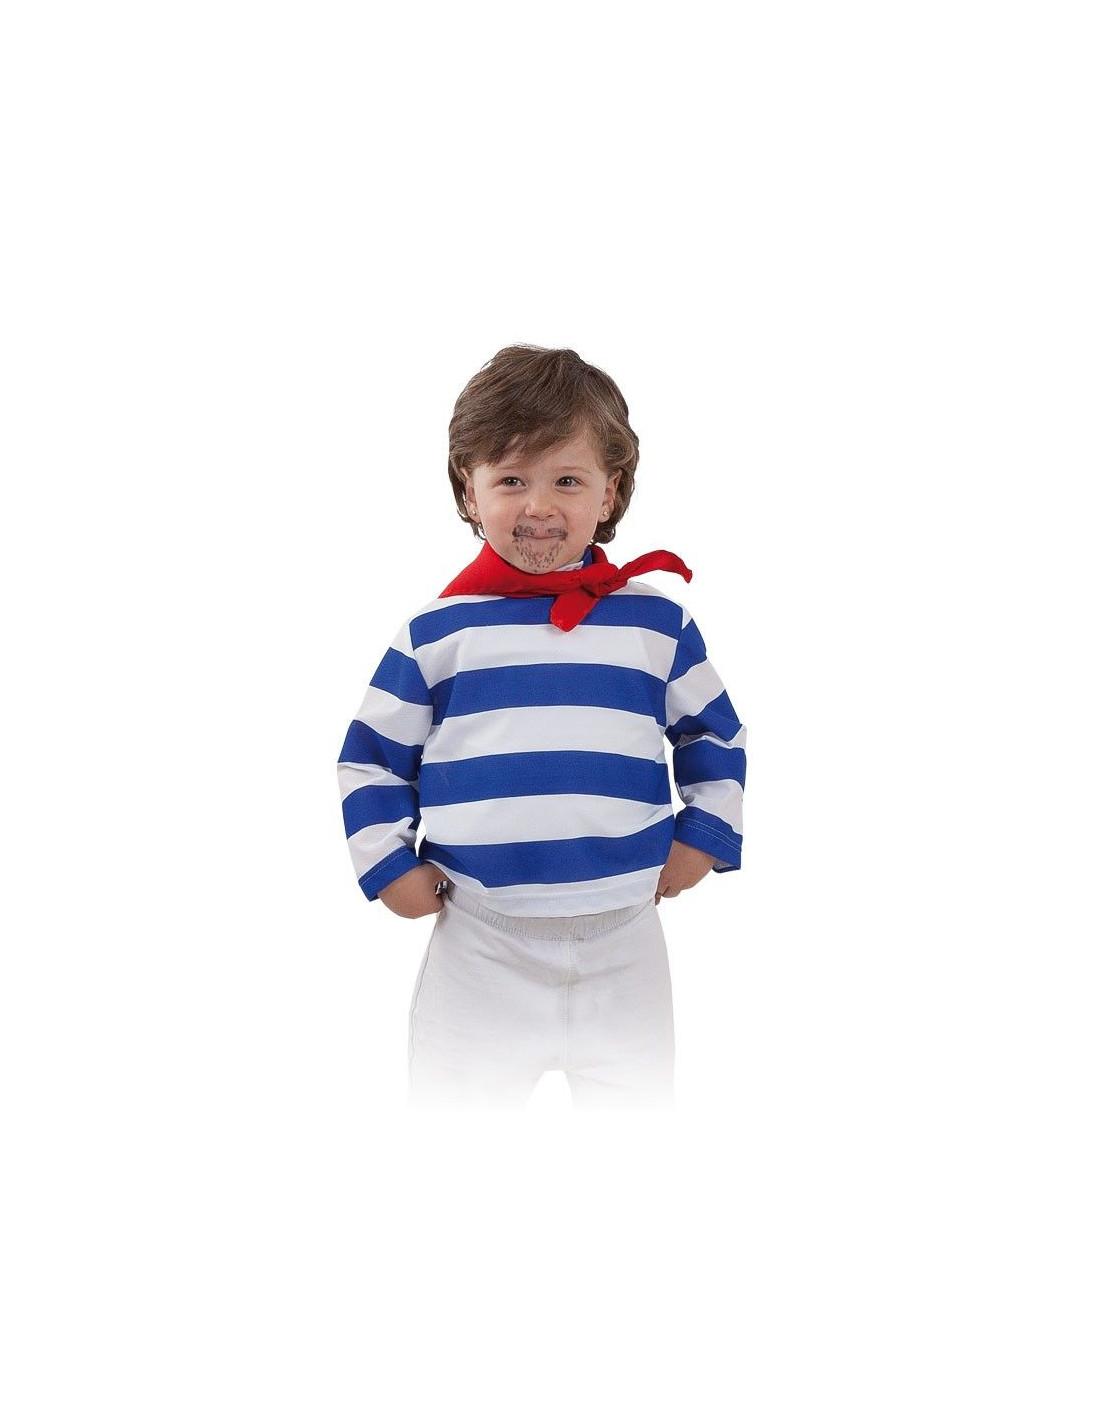 932a1aaf8 Camisas y Camisetas para disfraz - Comprar en Tienda Disfraces Bacanal